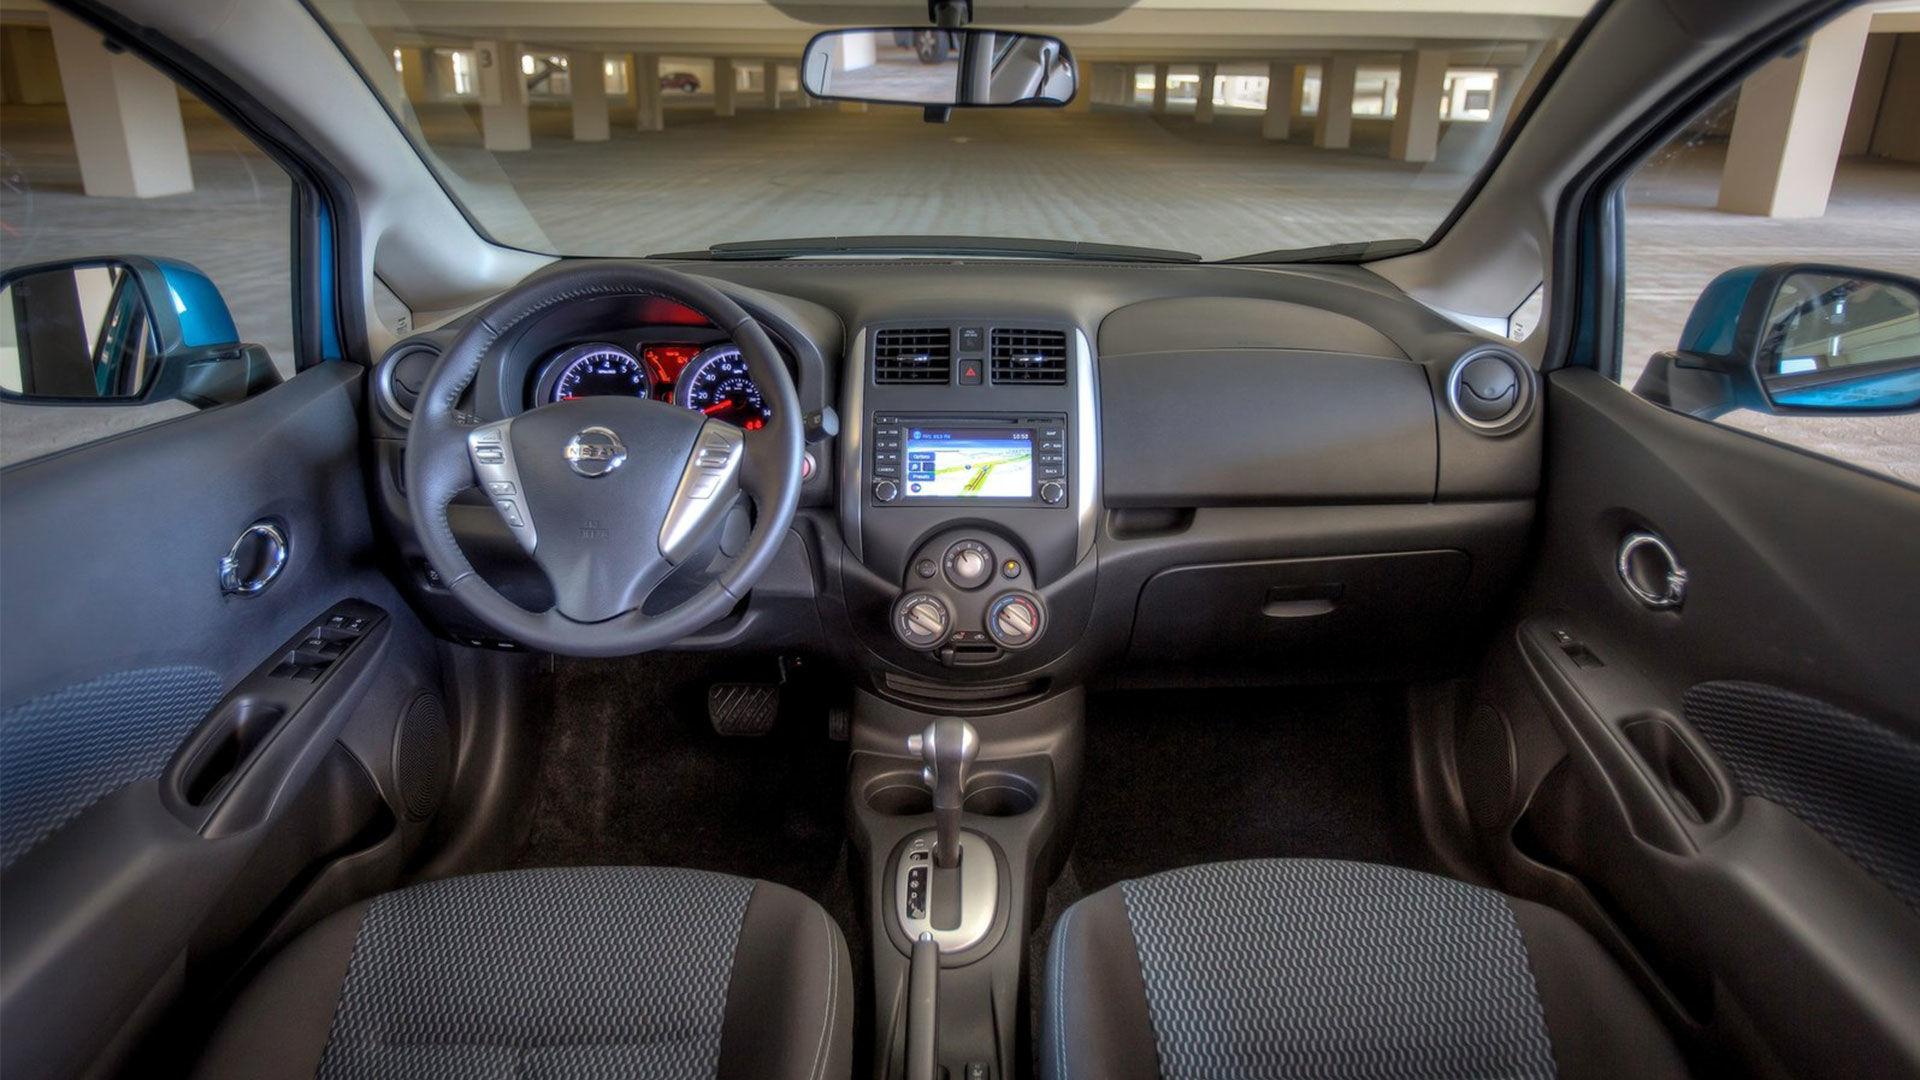 Nissan Versa Note 2014 Sous Compacte Spacieuse Et Conomique Par Michael Winthrop Nissan De